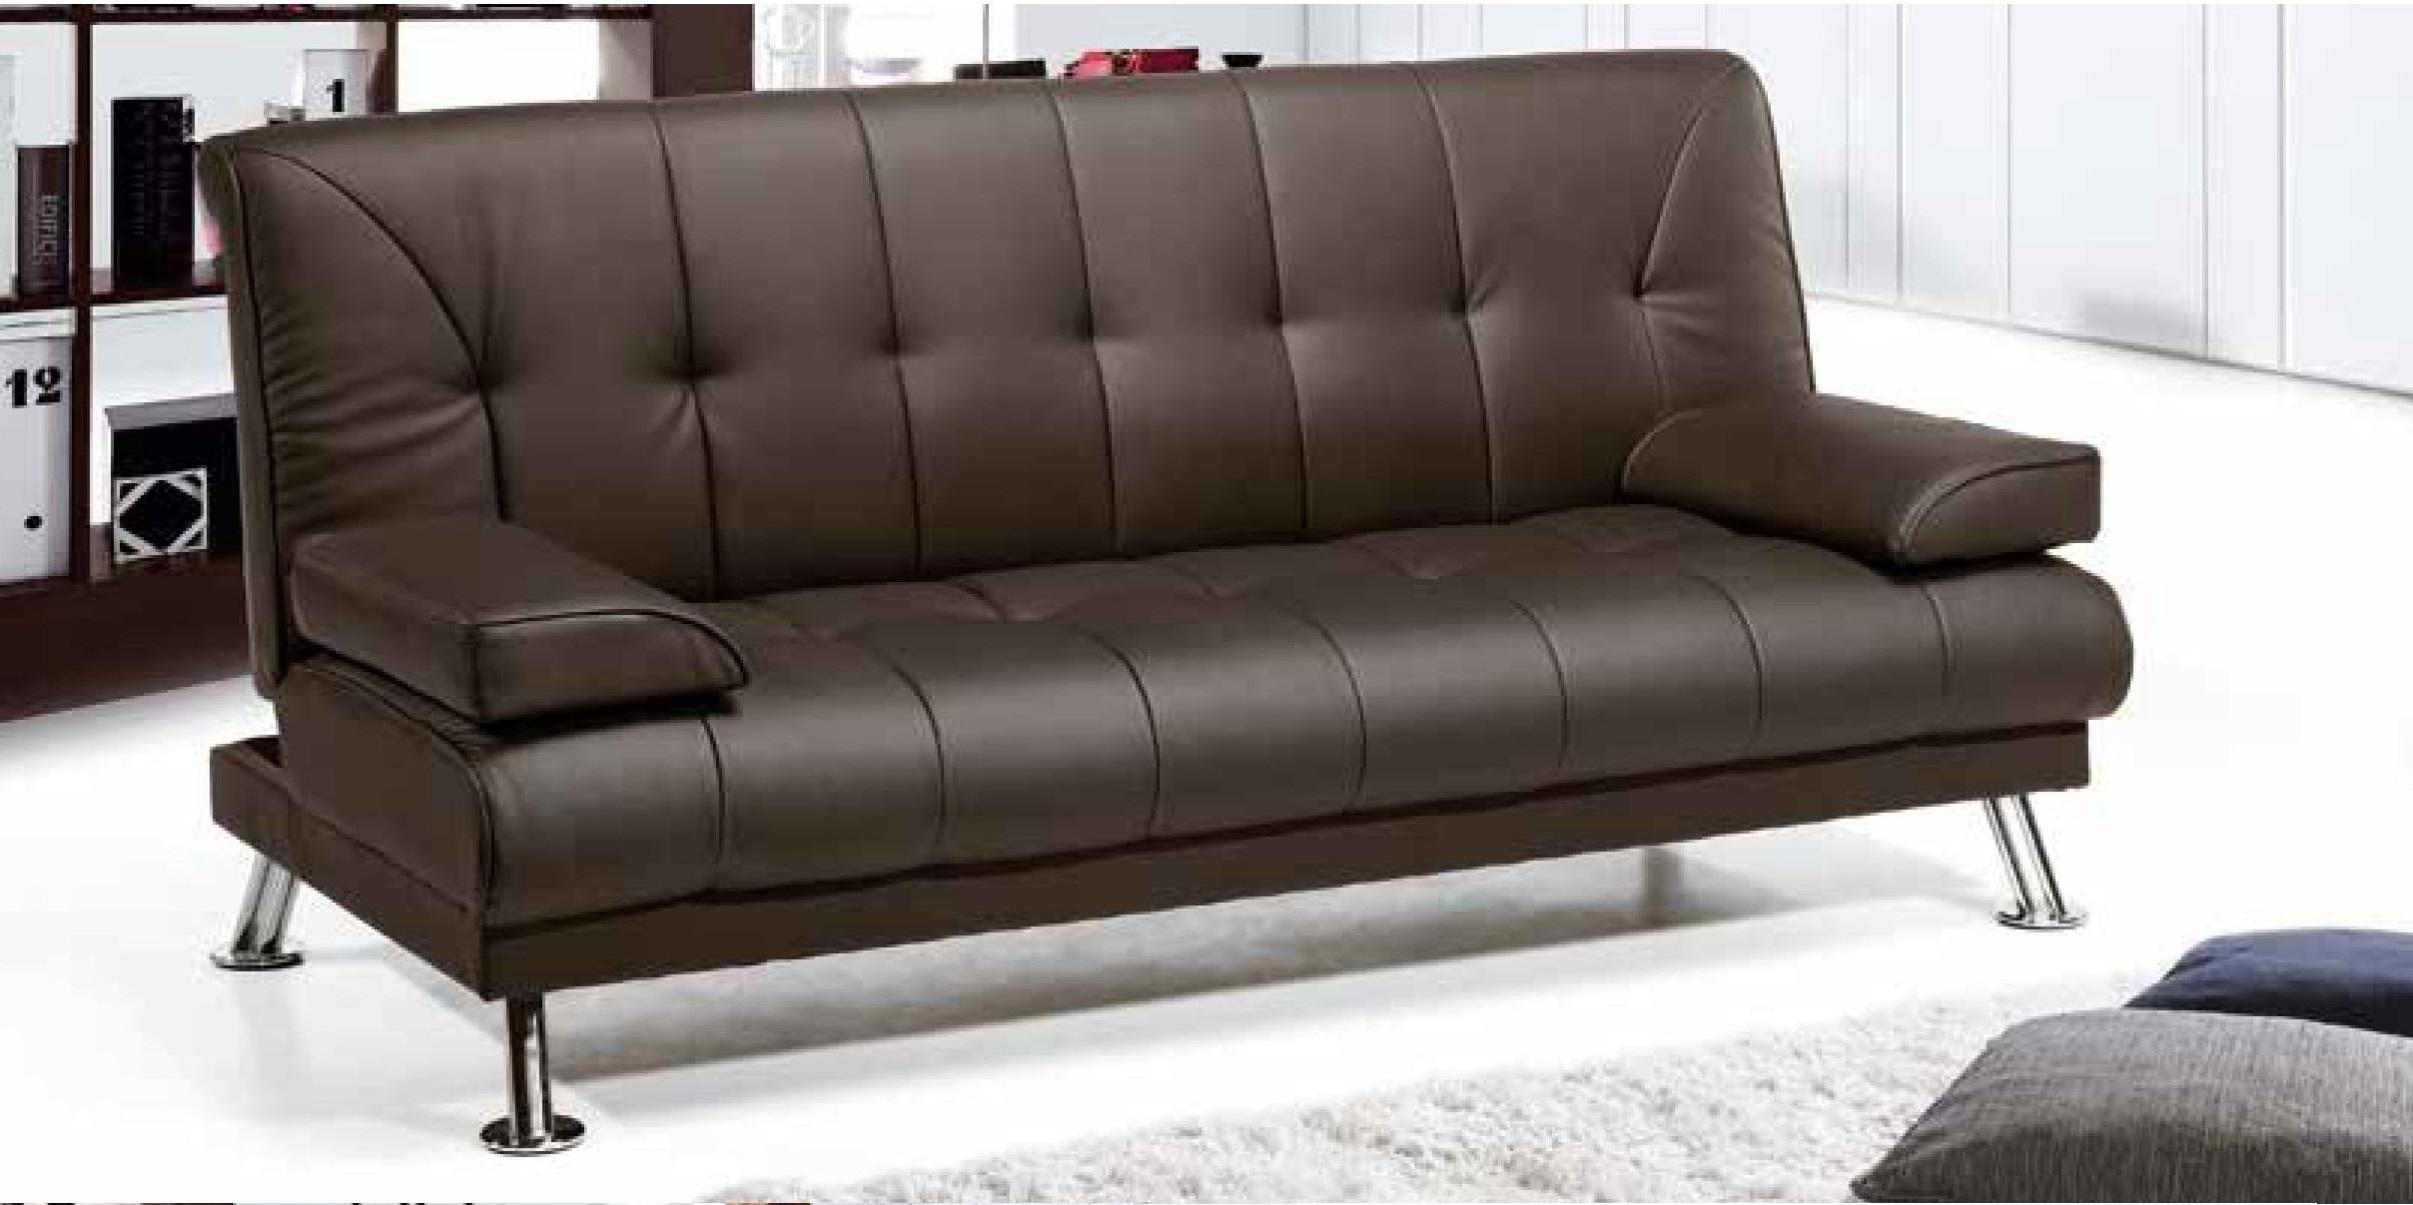 Sofa cama libro muebles valencia for Sillones cama modernos